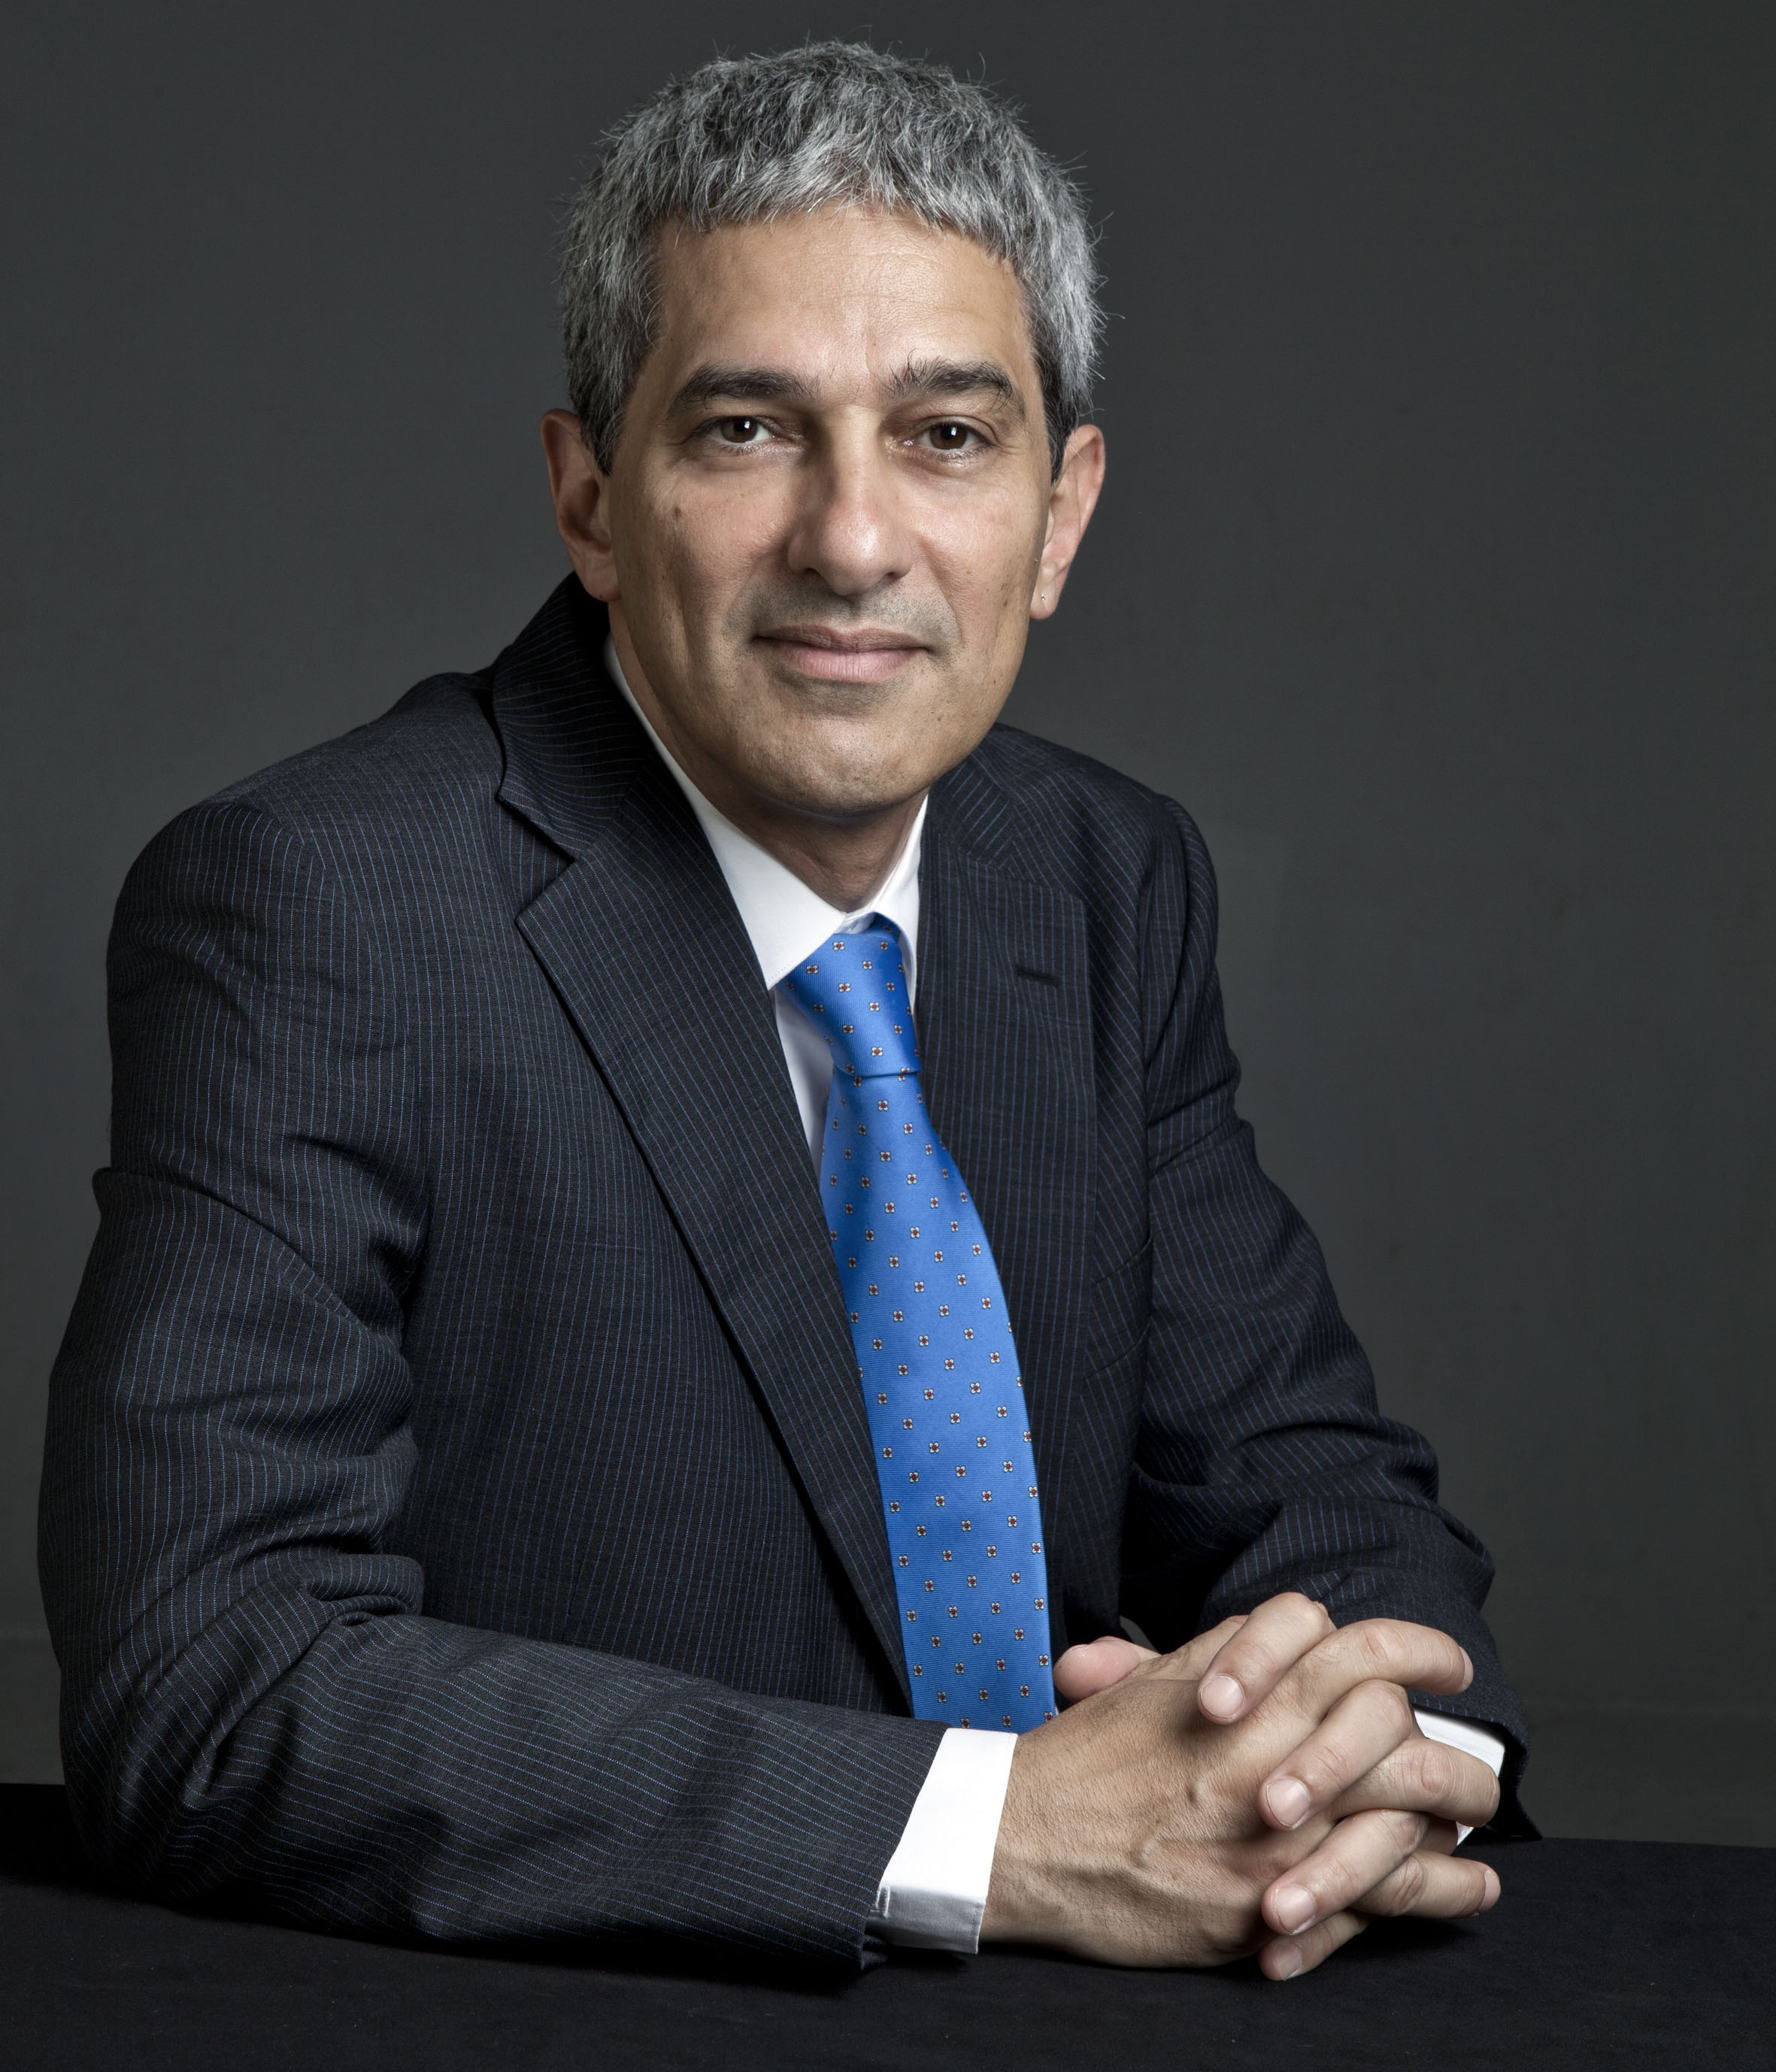 Παπαδόπουλος Γ. Νικόλαος